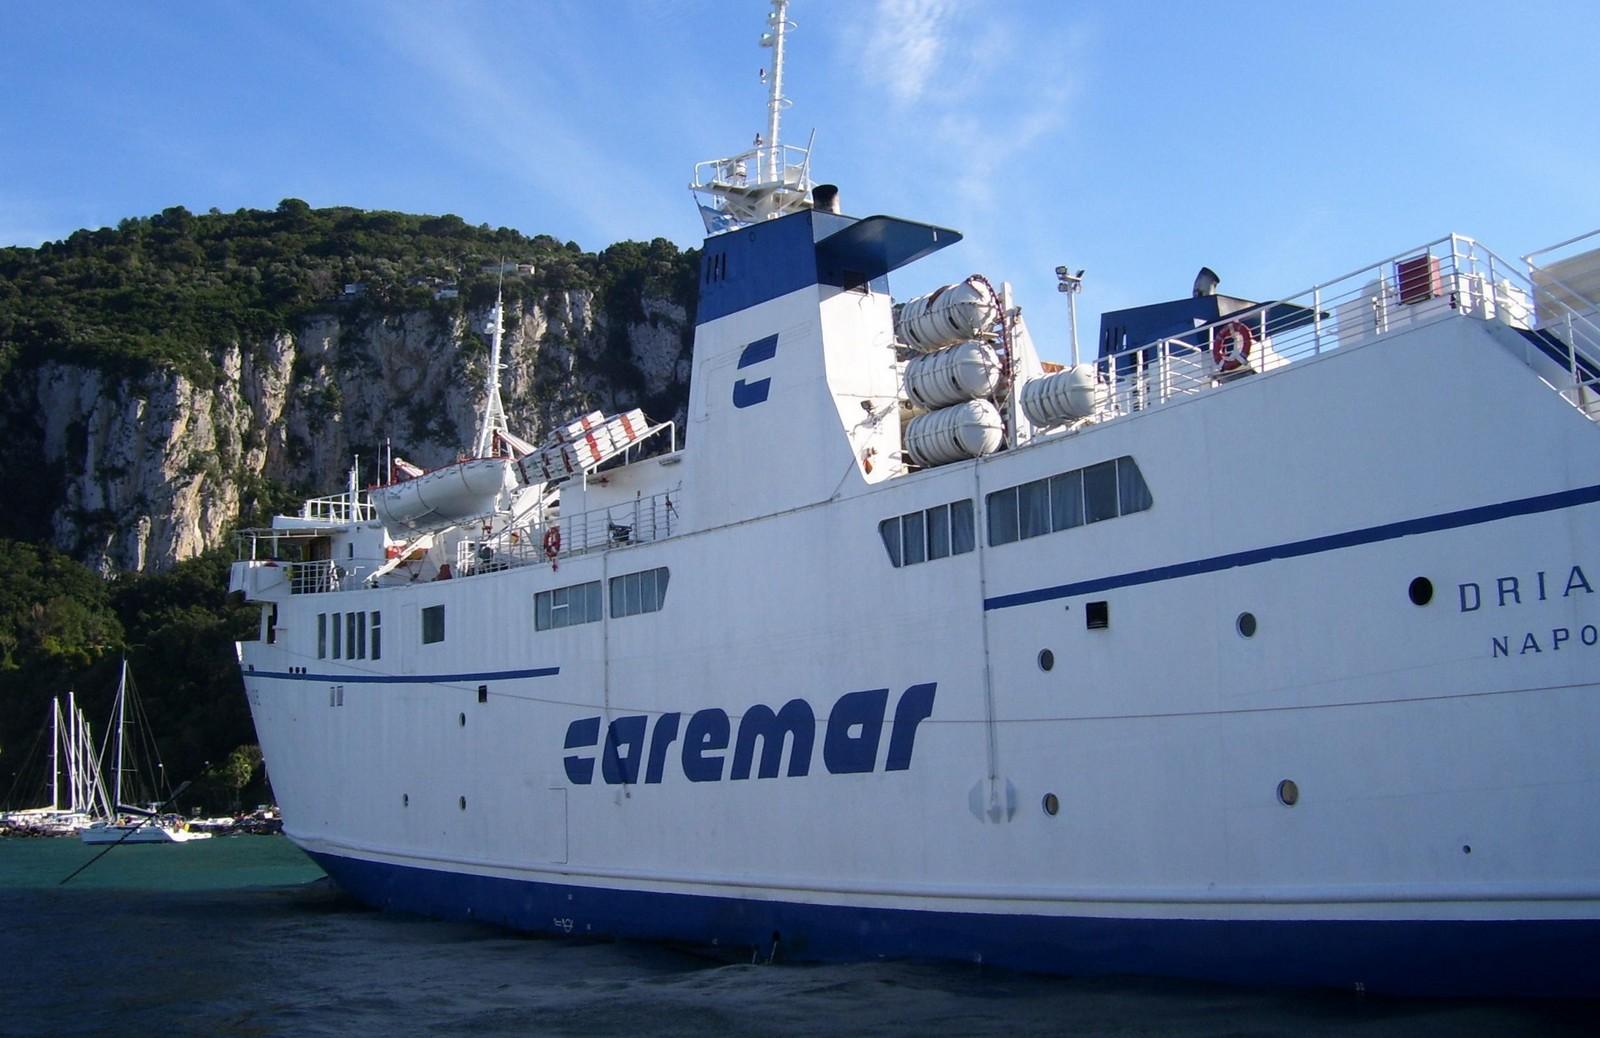 FS Driade - Caremar